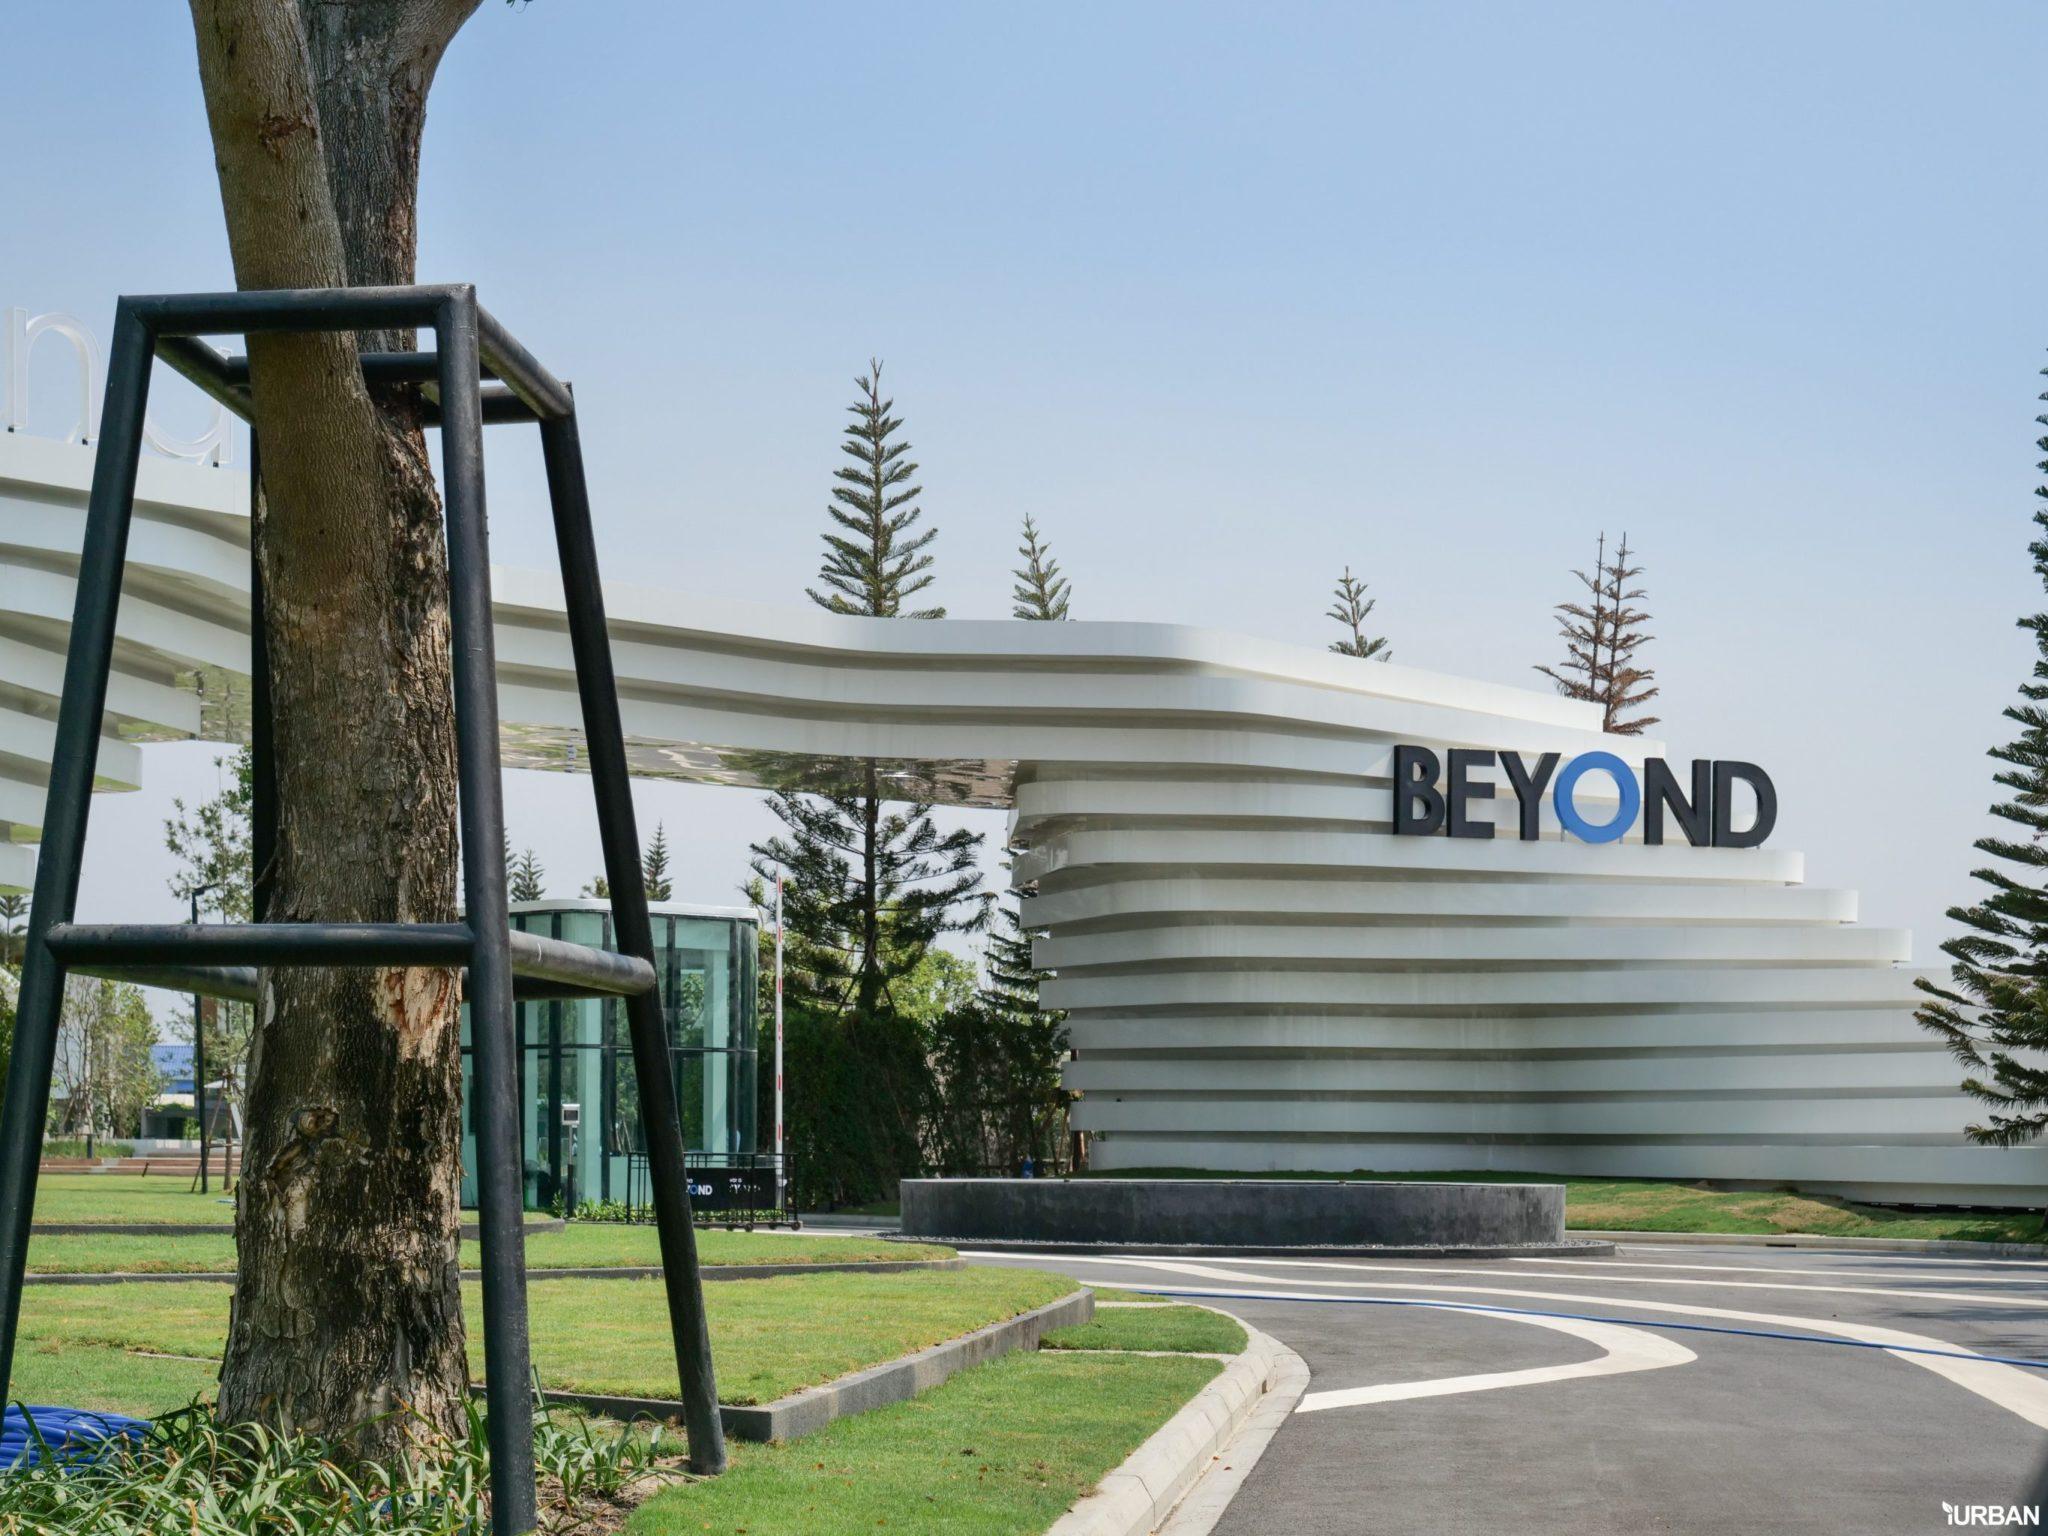 """""""เนอวานา ไดอิ"""" ปฏิวัติรูปแบบการอยู่อาศัย พร้อมเปิดโครงการ """"เนอวานา บียอนด์ พระราม 9-กรุงเทพกรีฑา"""" บ้านต้นแบบแนวคิดใหม่ 15 -"""